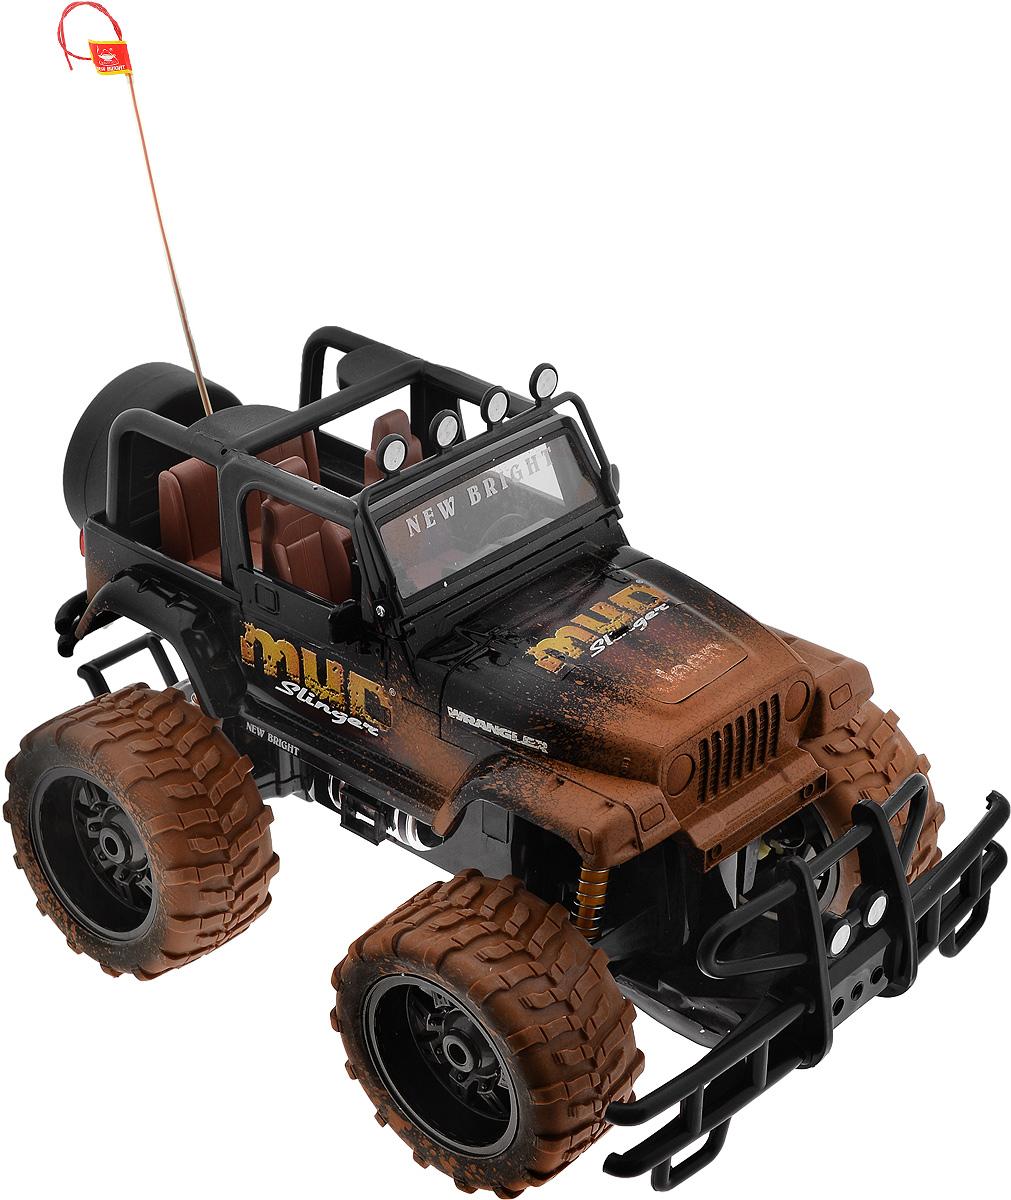 """Культовый американский автомобиль Jeep Wrangler привлечет внимание как ребенка, так и взрослого. Маневренная и реалистичная уменьшенная копия New Bright """"Jeep Wrangler"""" выполнена в точной детализации с настоящим автомобилем в масштабе 1:10. Управление машиной происходит с помощью пульта. Пульт управления работает на частоте 27 MHz. Jeep двигается вперед и назад, поворачивает направо и налево. Колеса игрушки прорезинены и обеспечивают плавный ход, машинка не портит напольное покрытие. Радиоуправляемые игрушки способствуют развитию координации движений, моторики и ловкости. Ваш ребенок часами будет играть с моделью, придумывая различные истории и устраивая соревнования. Порадуйте его таким замечательным подарком! Машина работает от сменного аккумулятора (входит в комплект). Зарядка осуществляется при помощи зарядного устройства (входит в комплект). Для работы пульта управления необходимы 2 батарейки типа АА (входят в комплект)."""